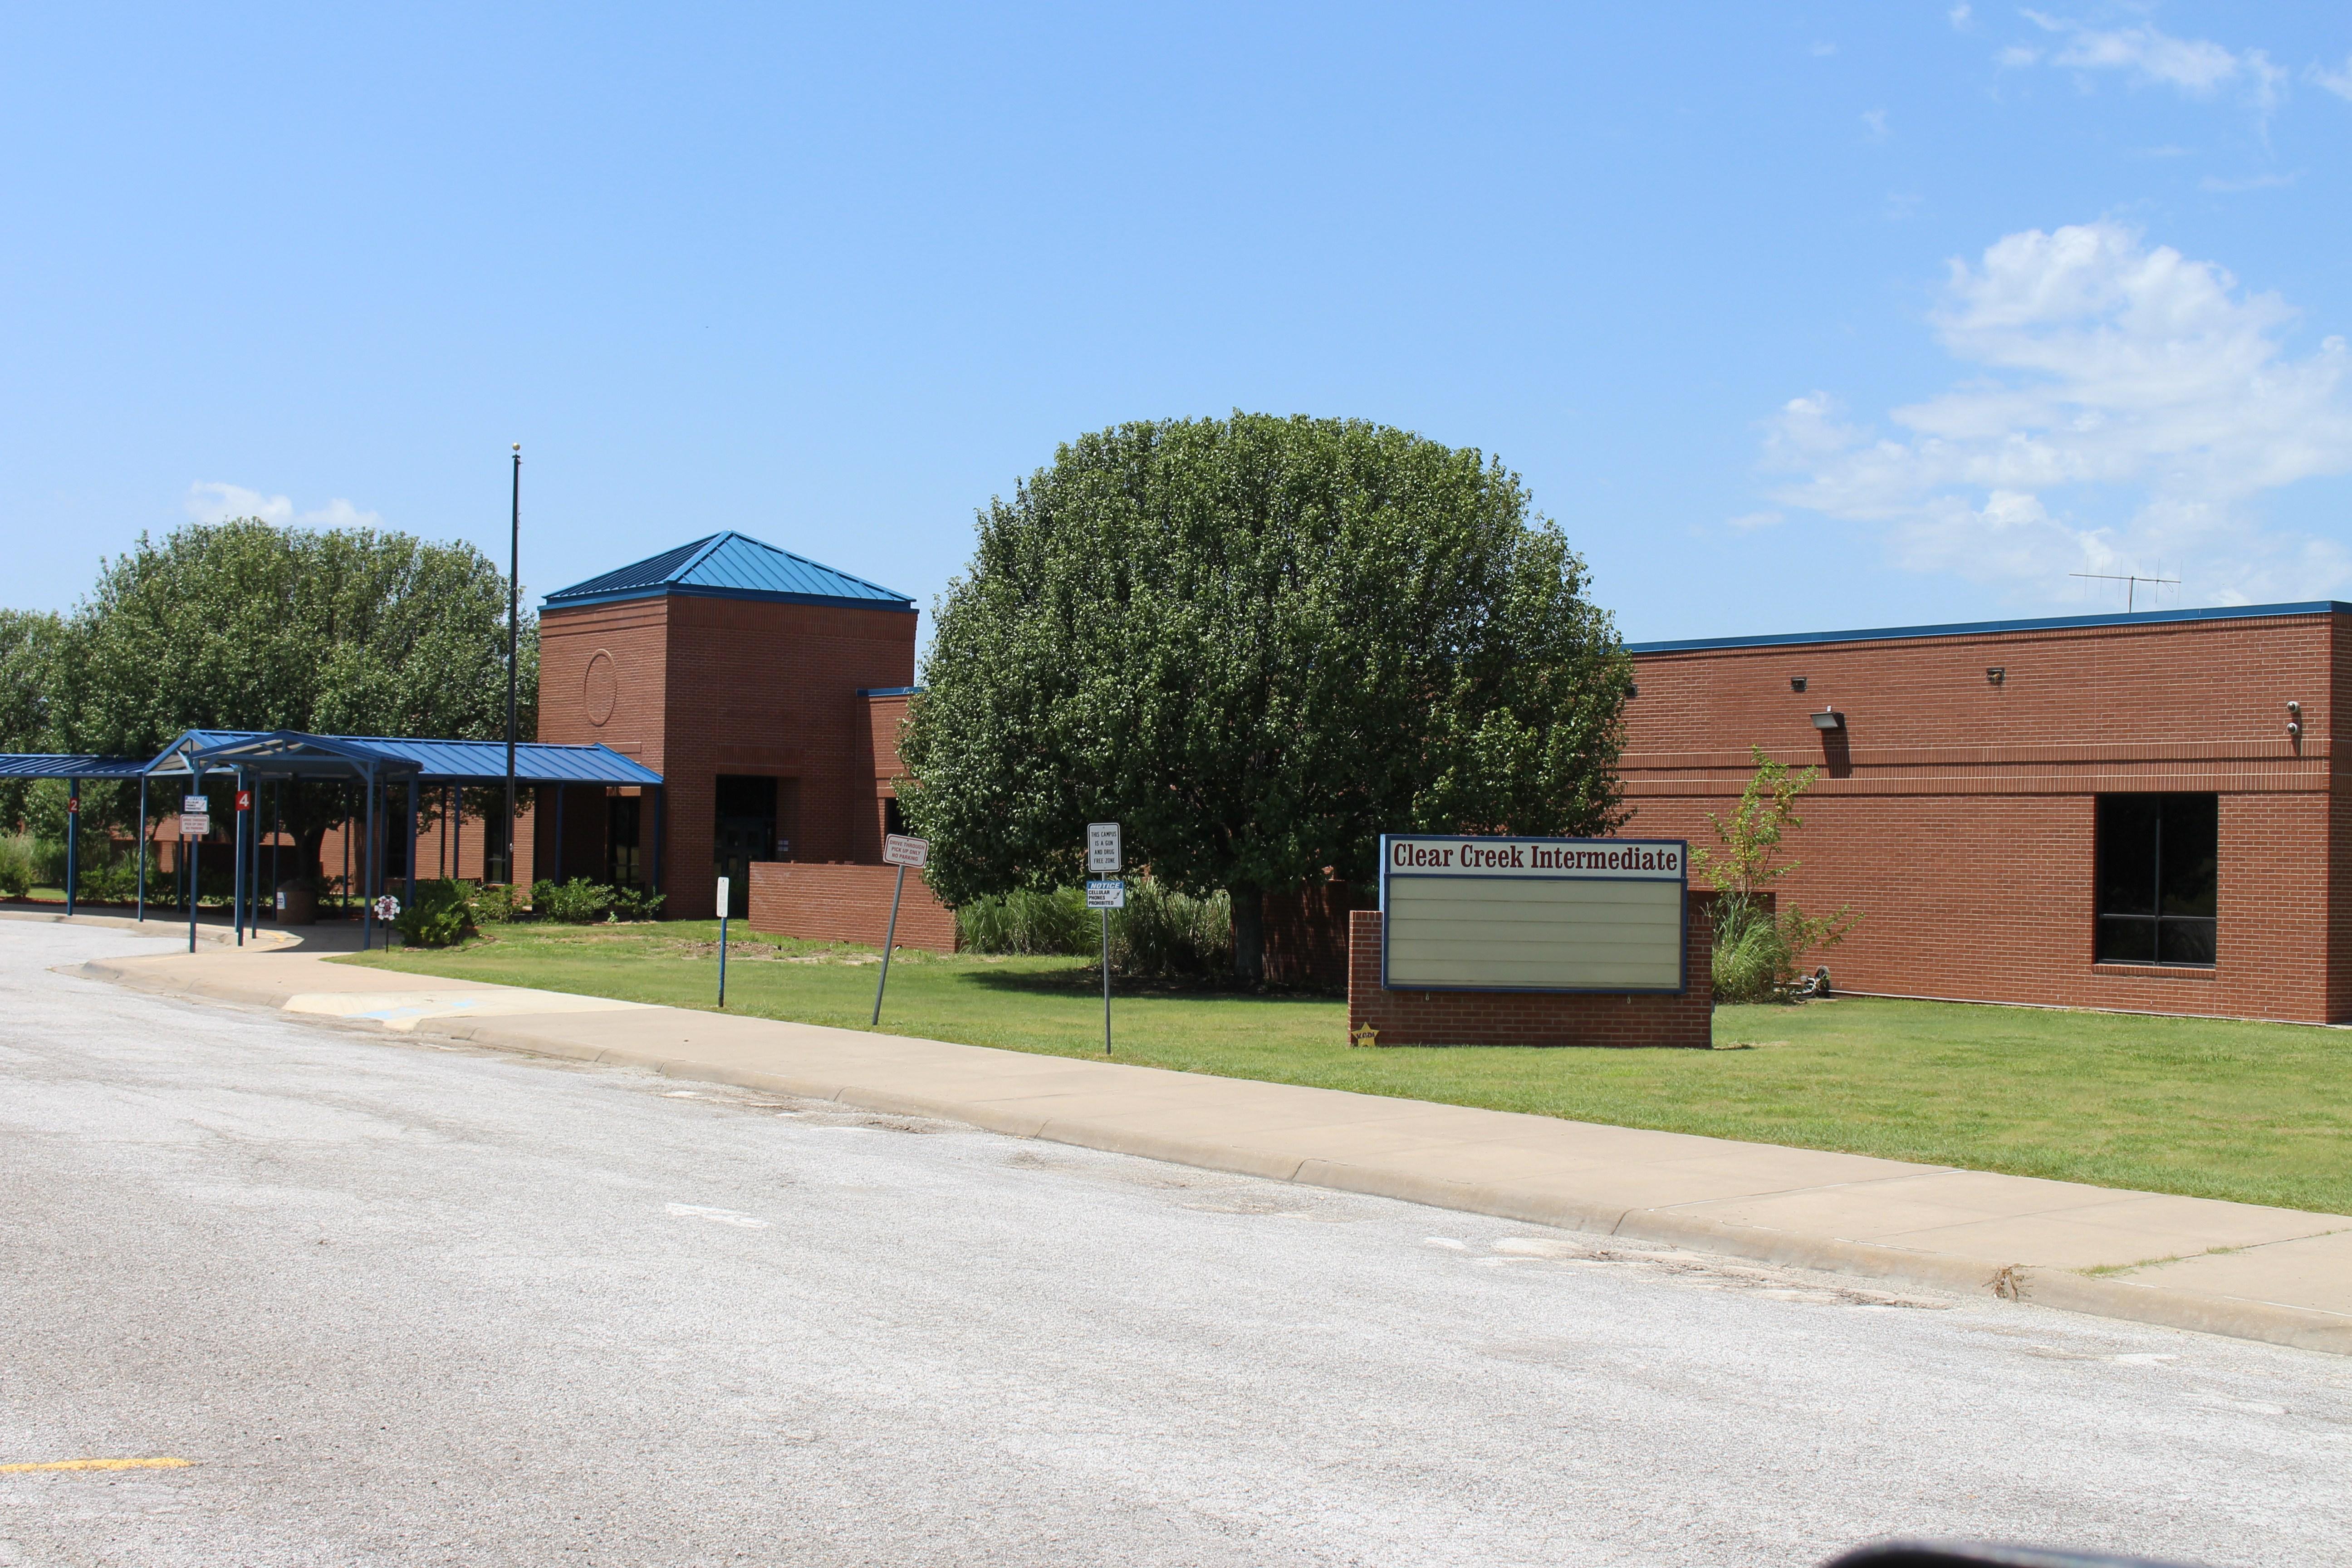 Clear Creek Intermediate School